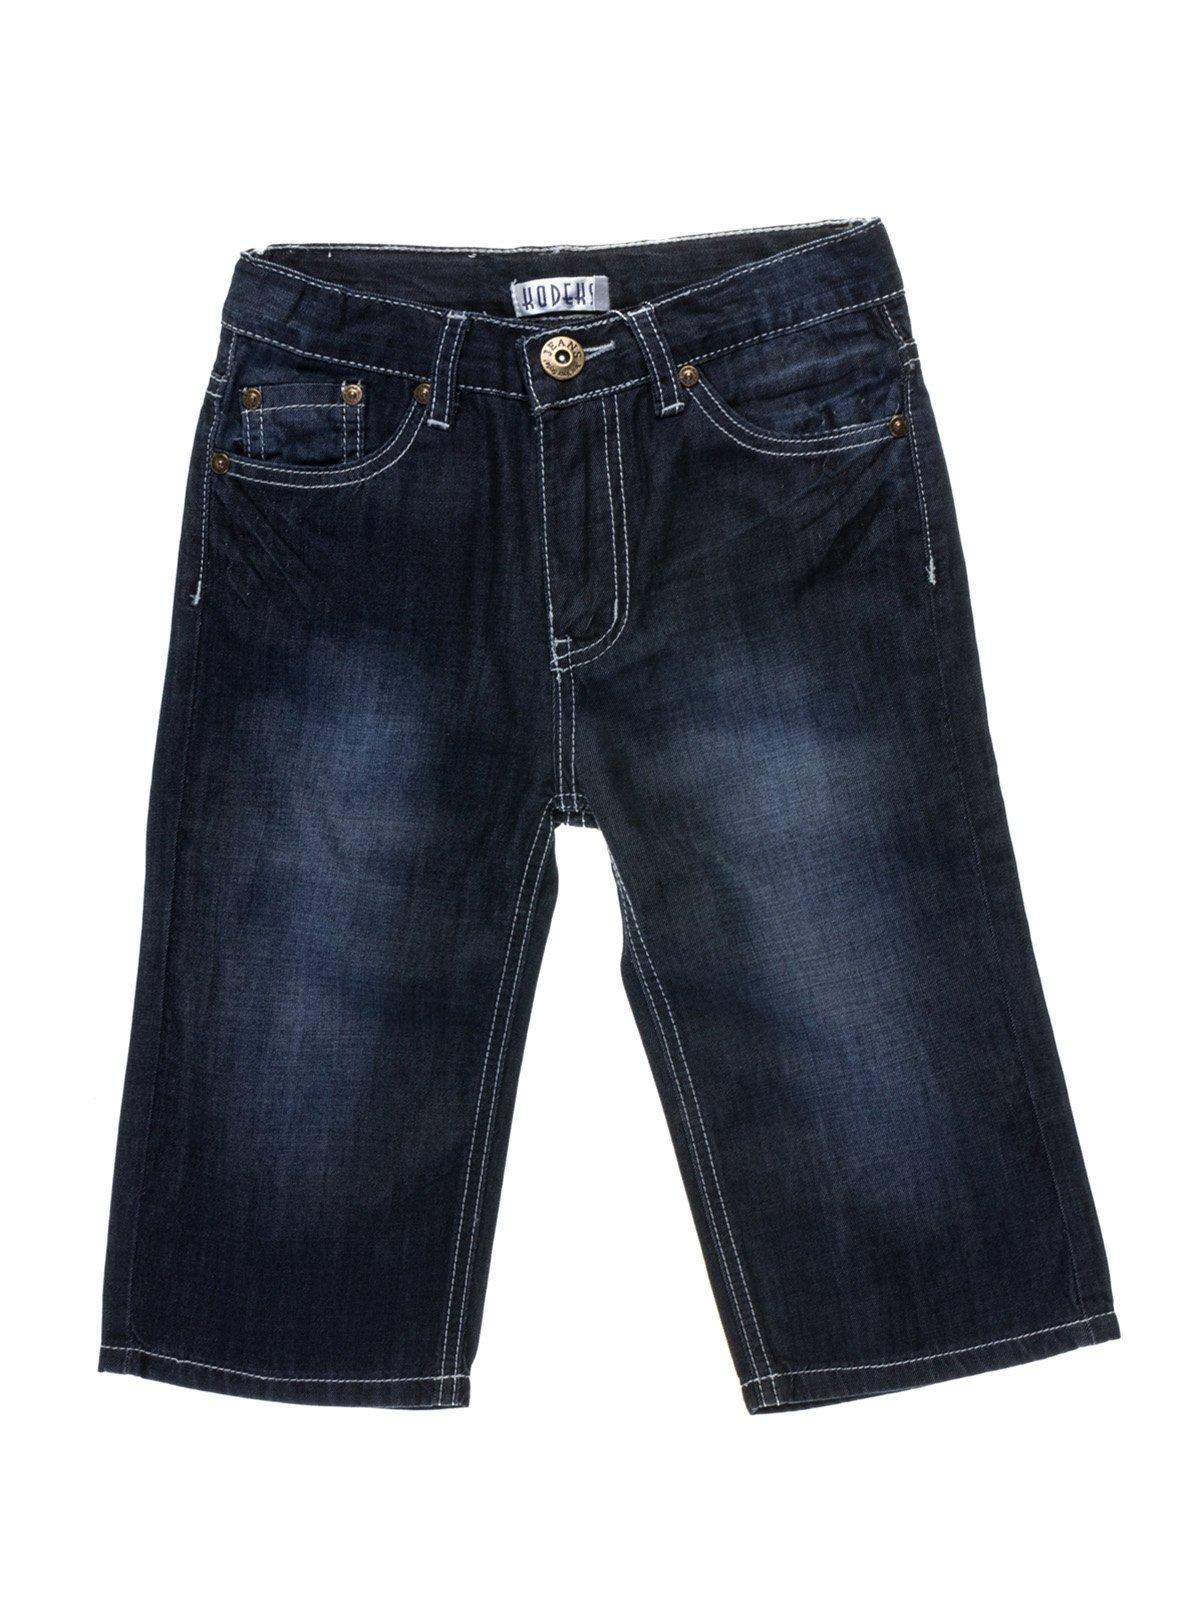 Шорти темно-сині джинсові   933707